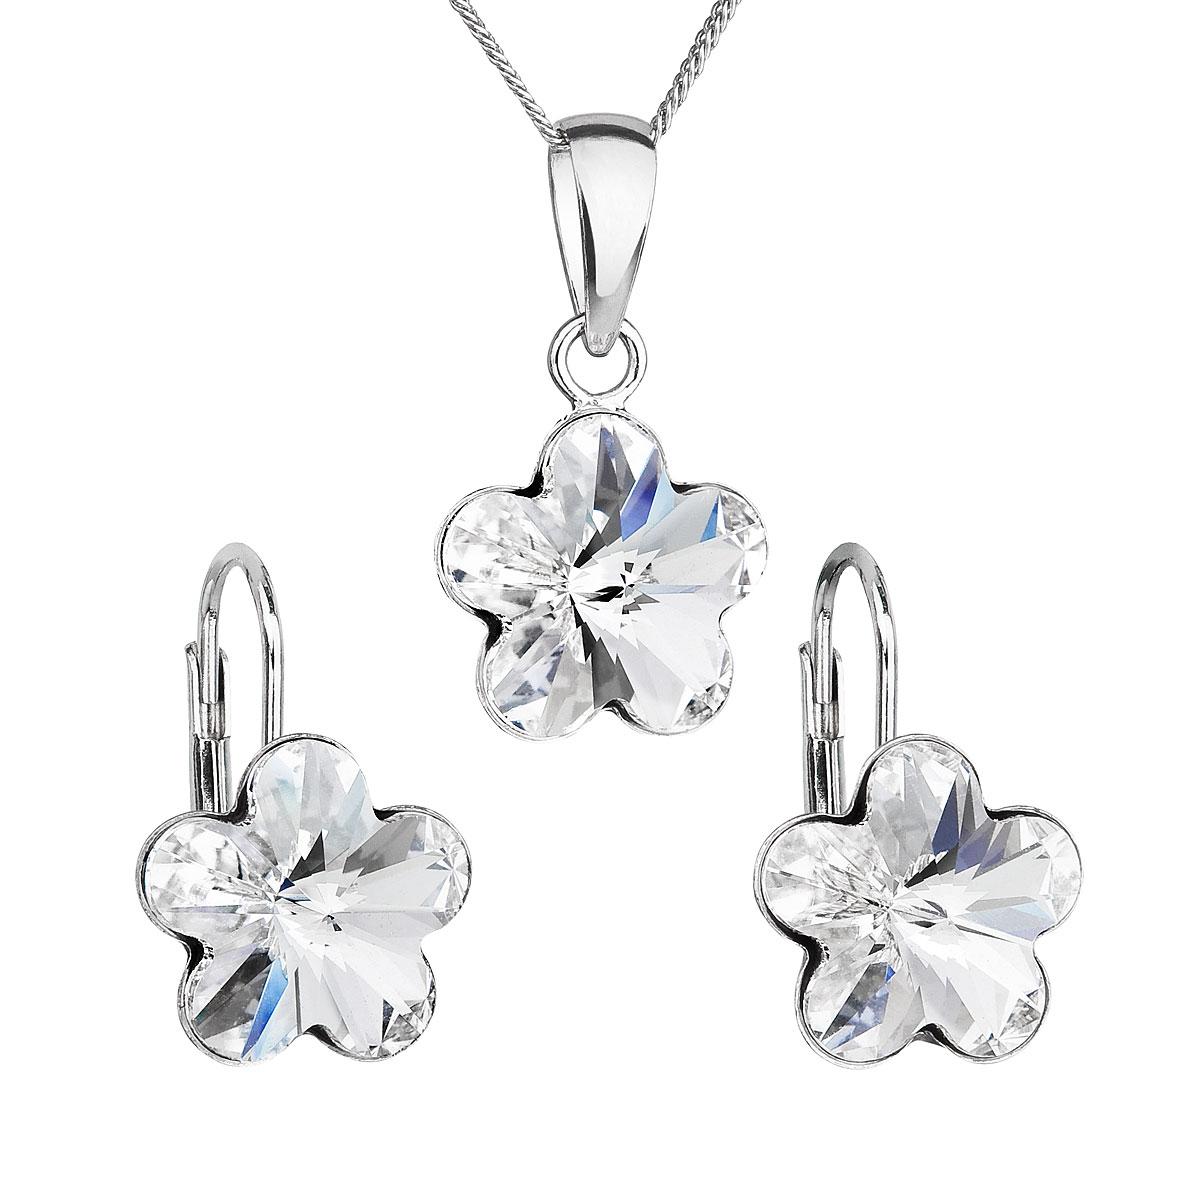 Sada šperkov s krištáľmi Swarovski náušnice, retiazka a prívesok biely kvietok 39143.1